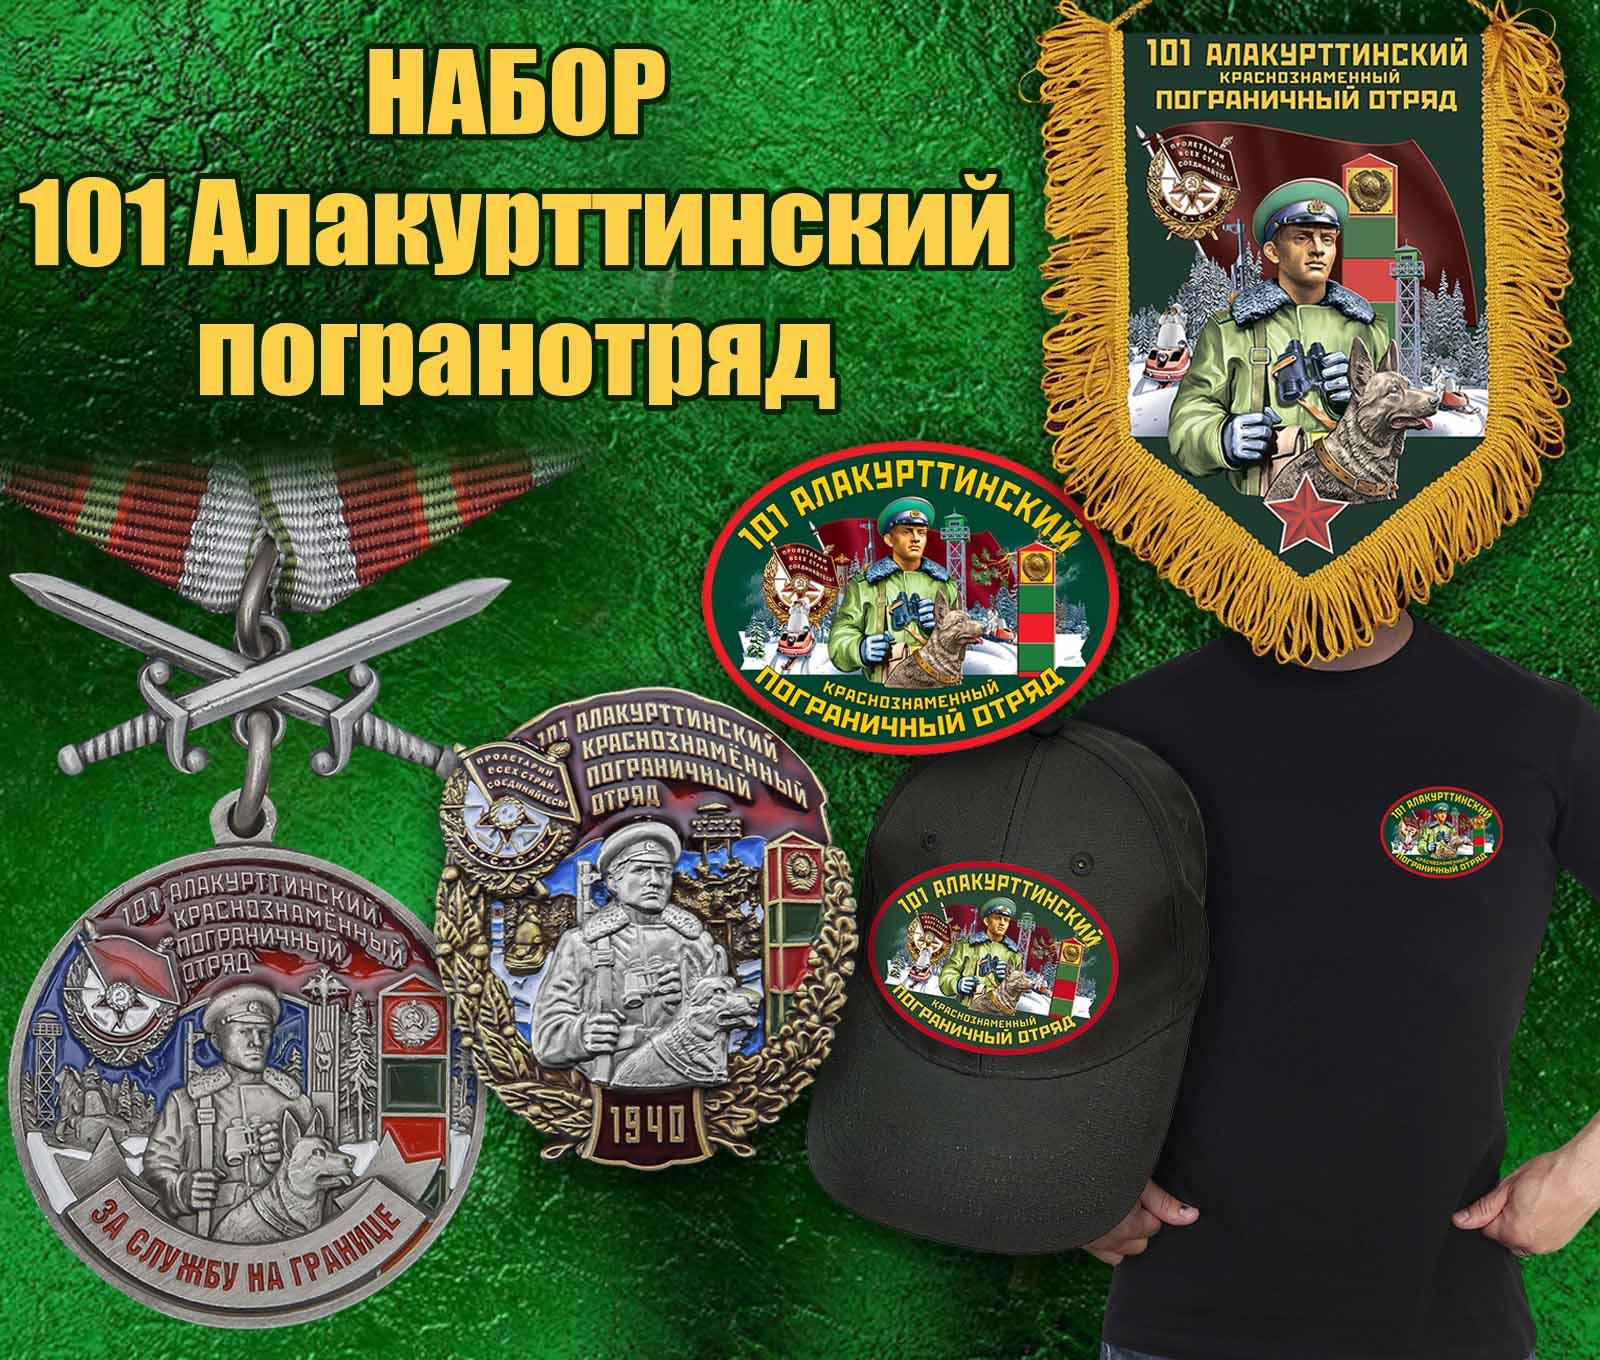 """Подарочный набор """"101 Алакурттинский пограничный отряд"""""""